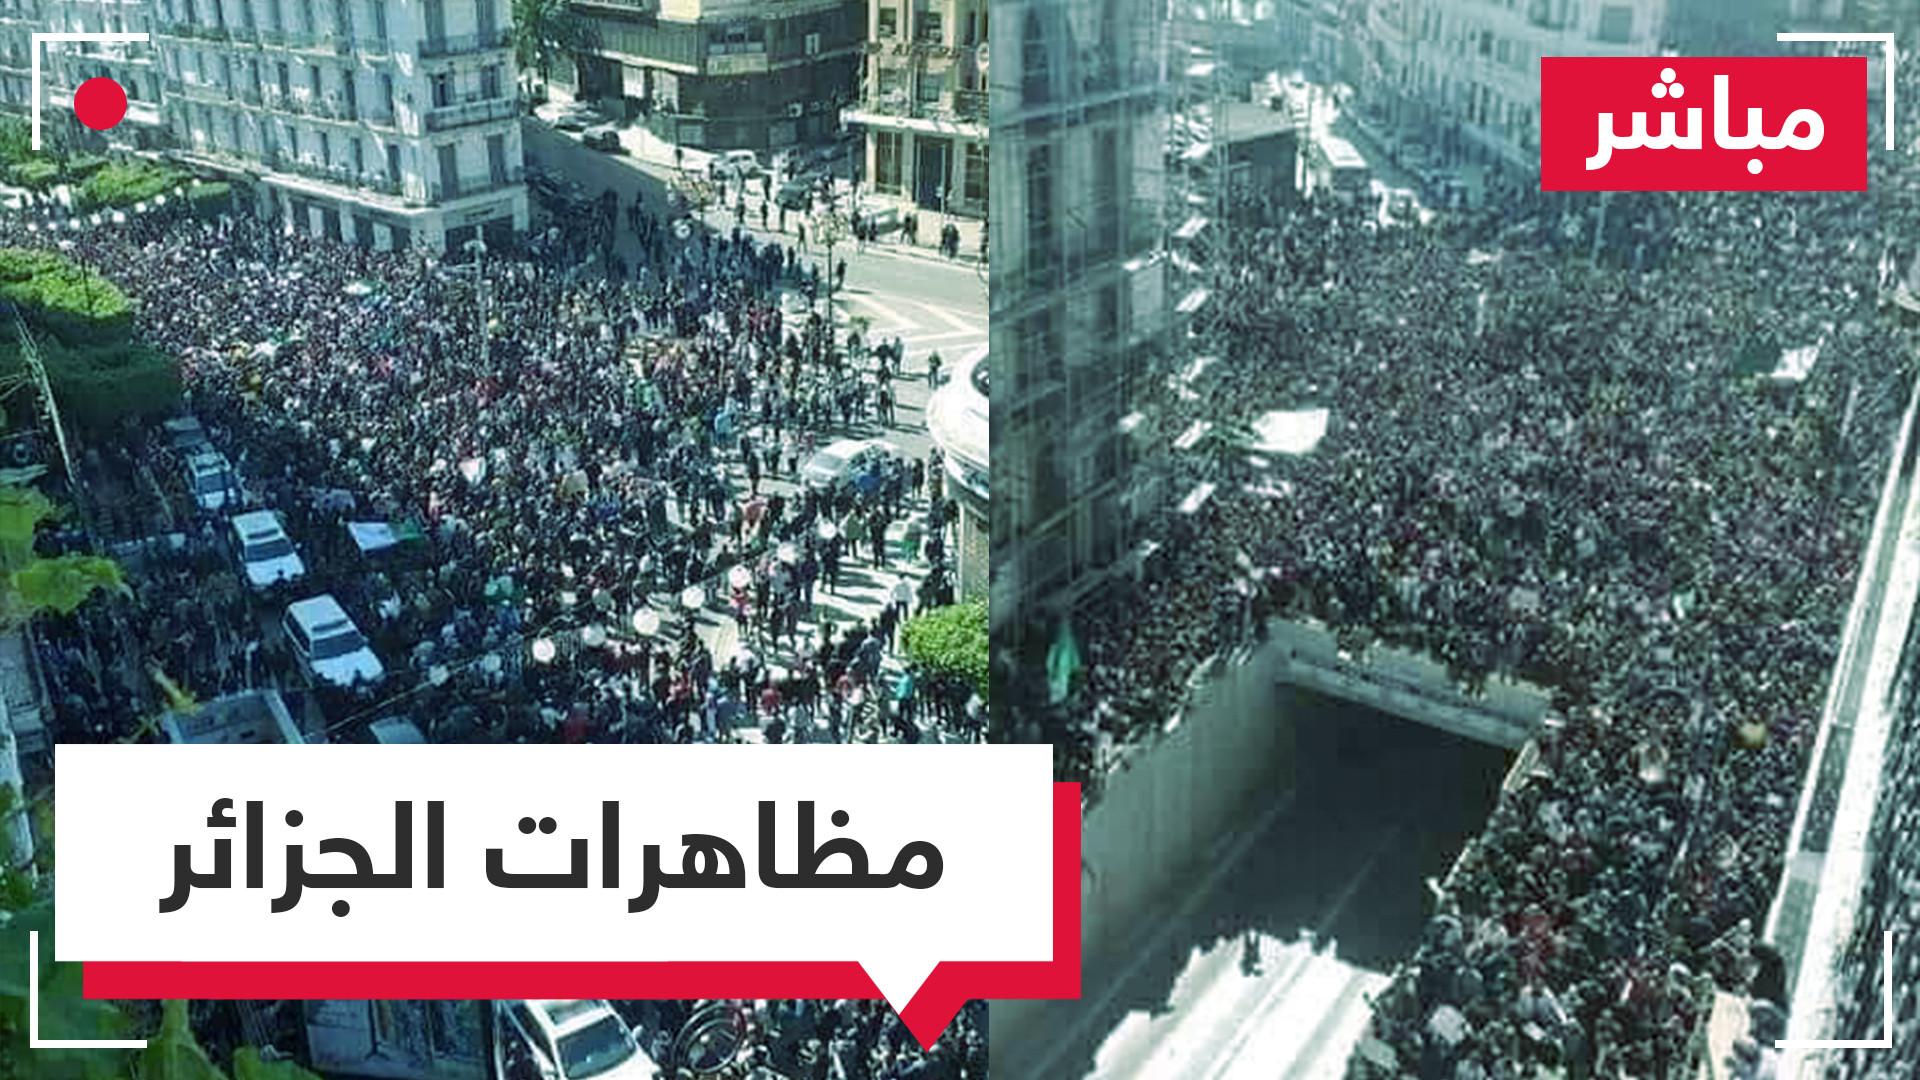 مباشر من الجزائر العاصمة.. الحشود في الشوارع للجمعة التاسعة من أجل رحيل رموز النظام